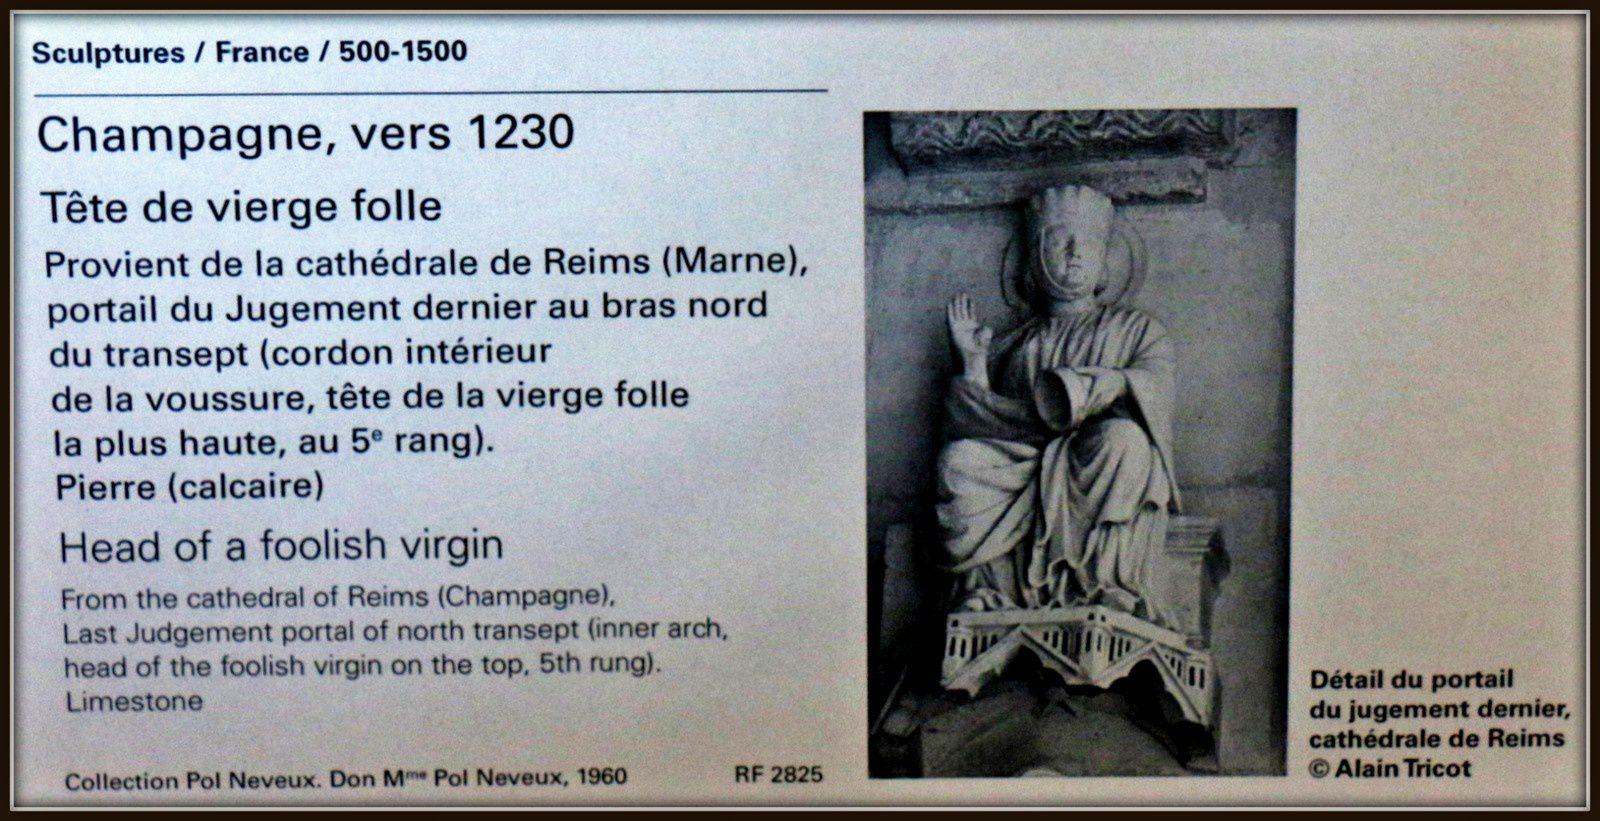 Tête de vierge folle, Champagne vers 1230